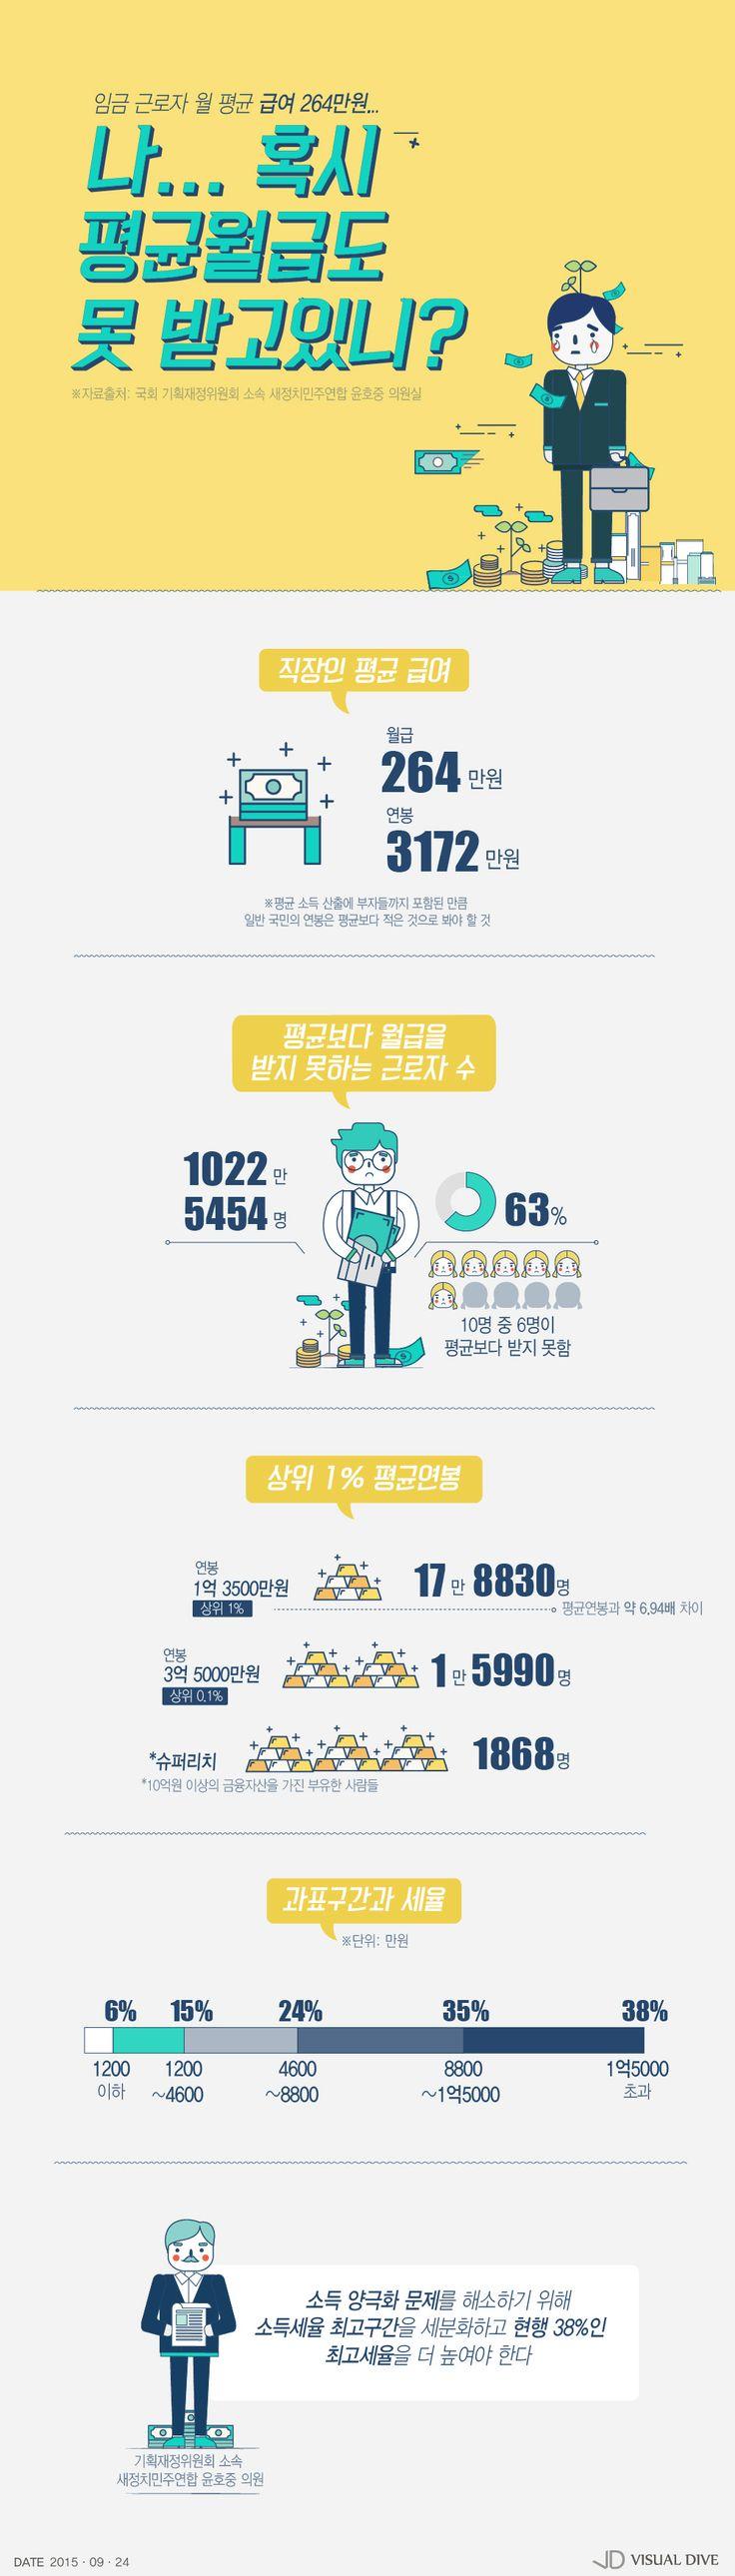 근로자 평균 임금 264만원…나는 어디쯤일까? [인포그래픽] #Salary/ #Infographic ⓒ 비주얼다이브 무단 복사·전재·재배포 금지